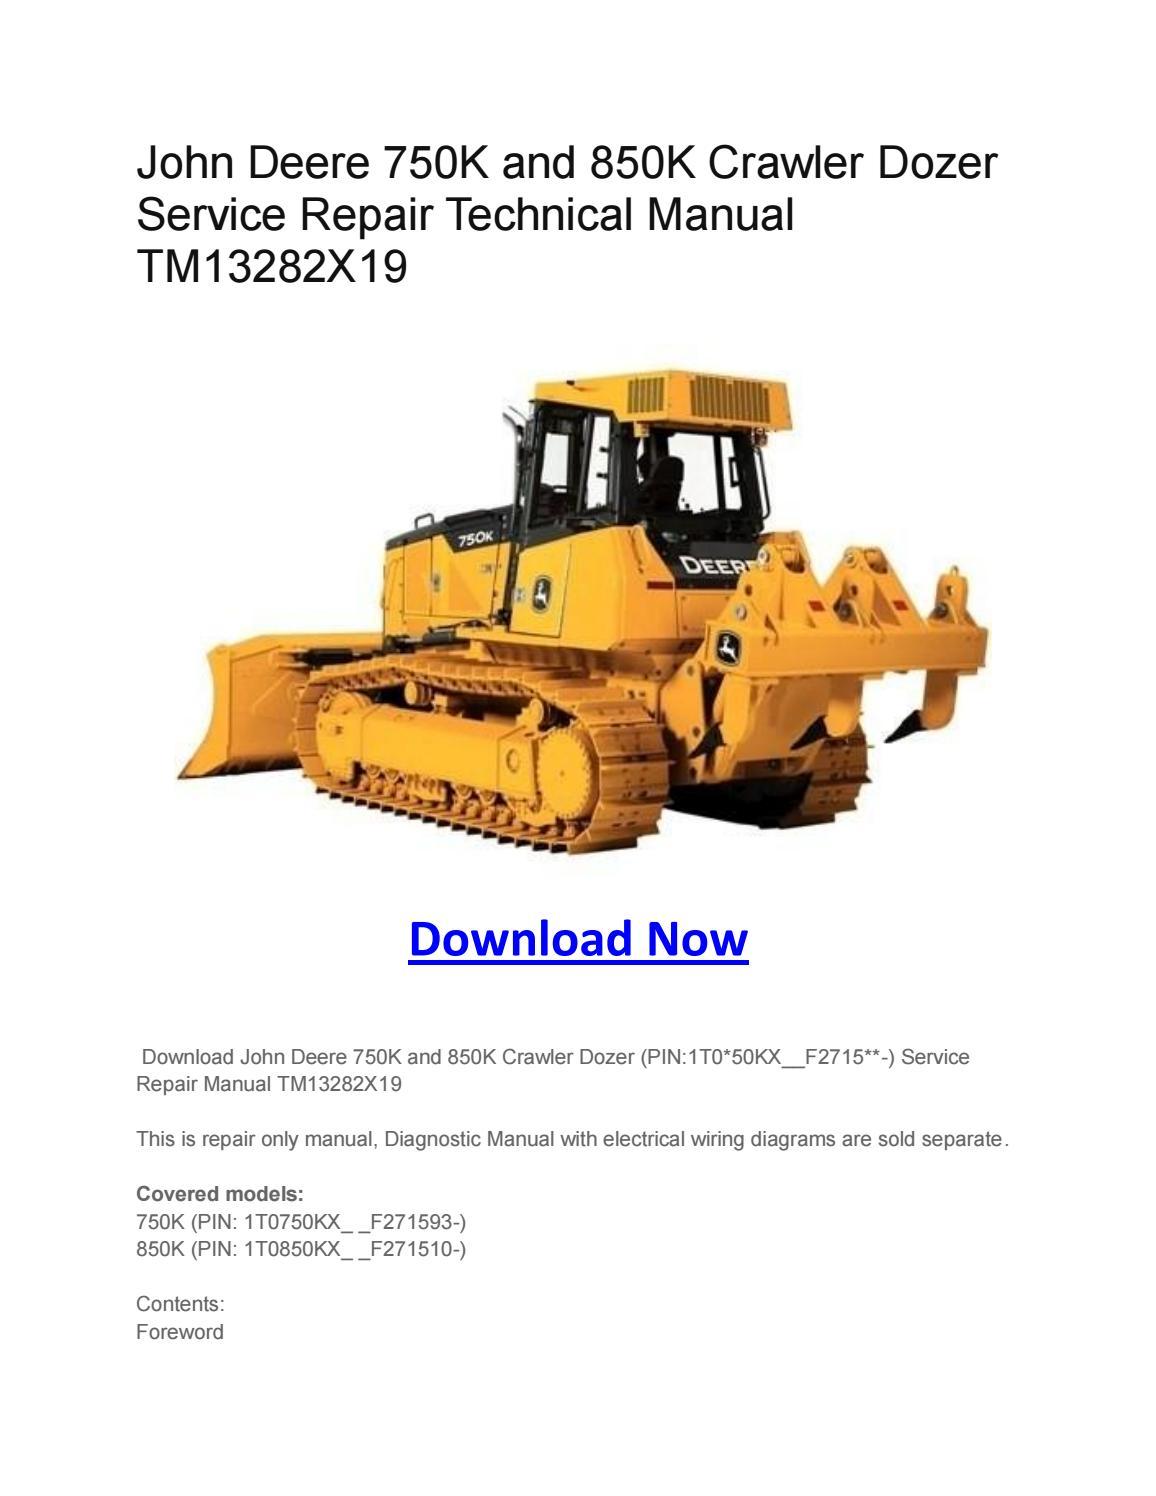 John Deere 750k And 850k Crawler Dozer Service Repair